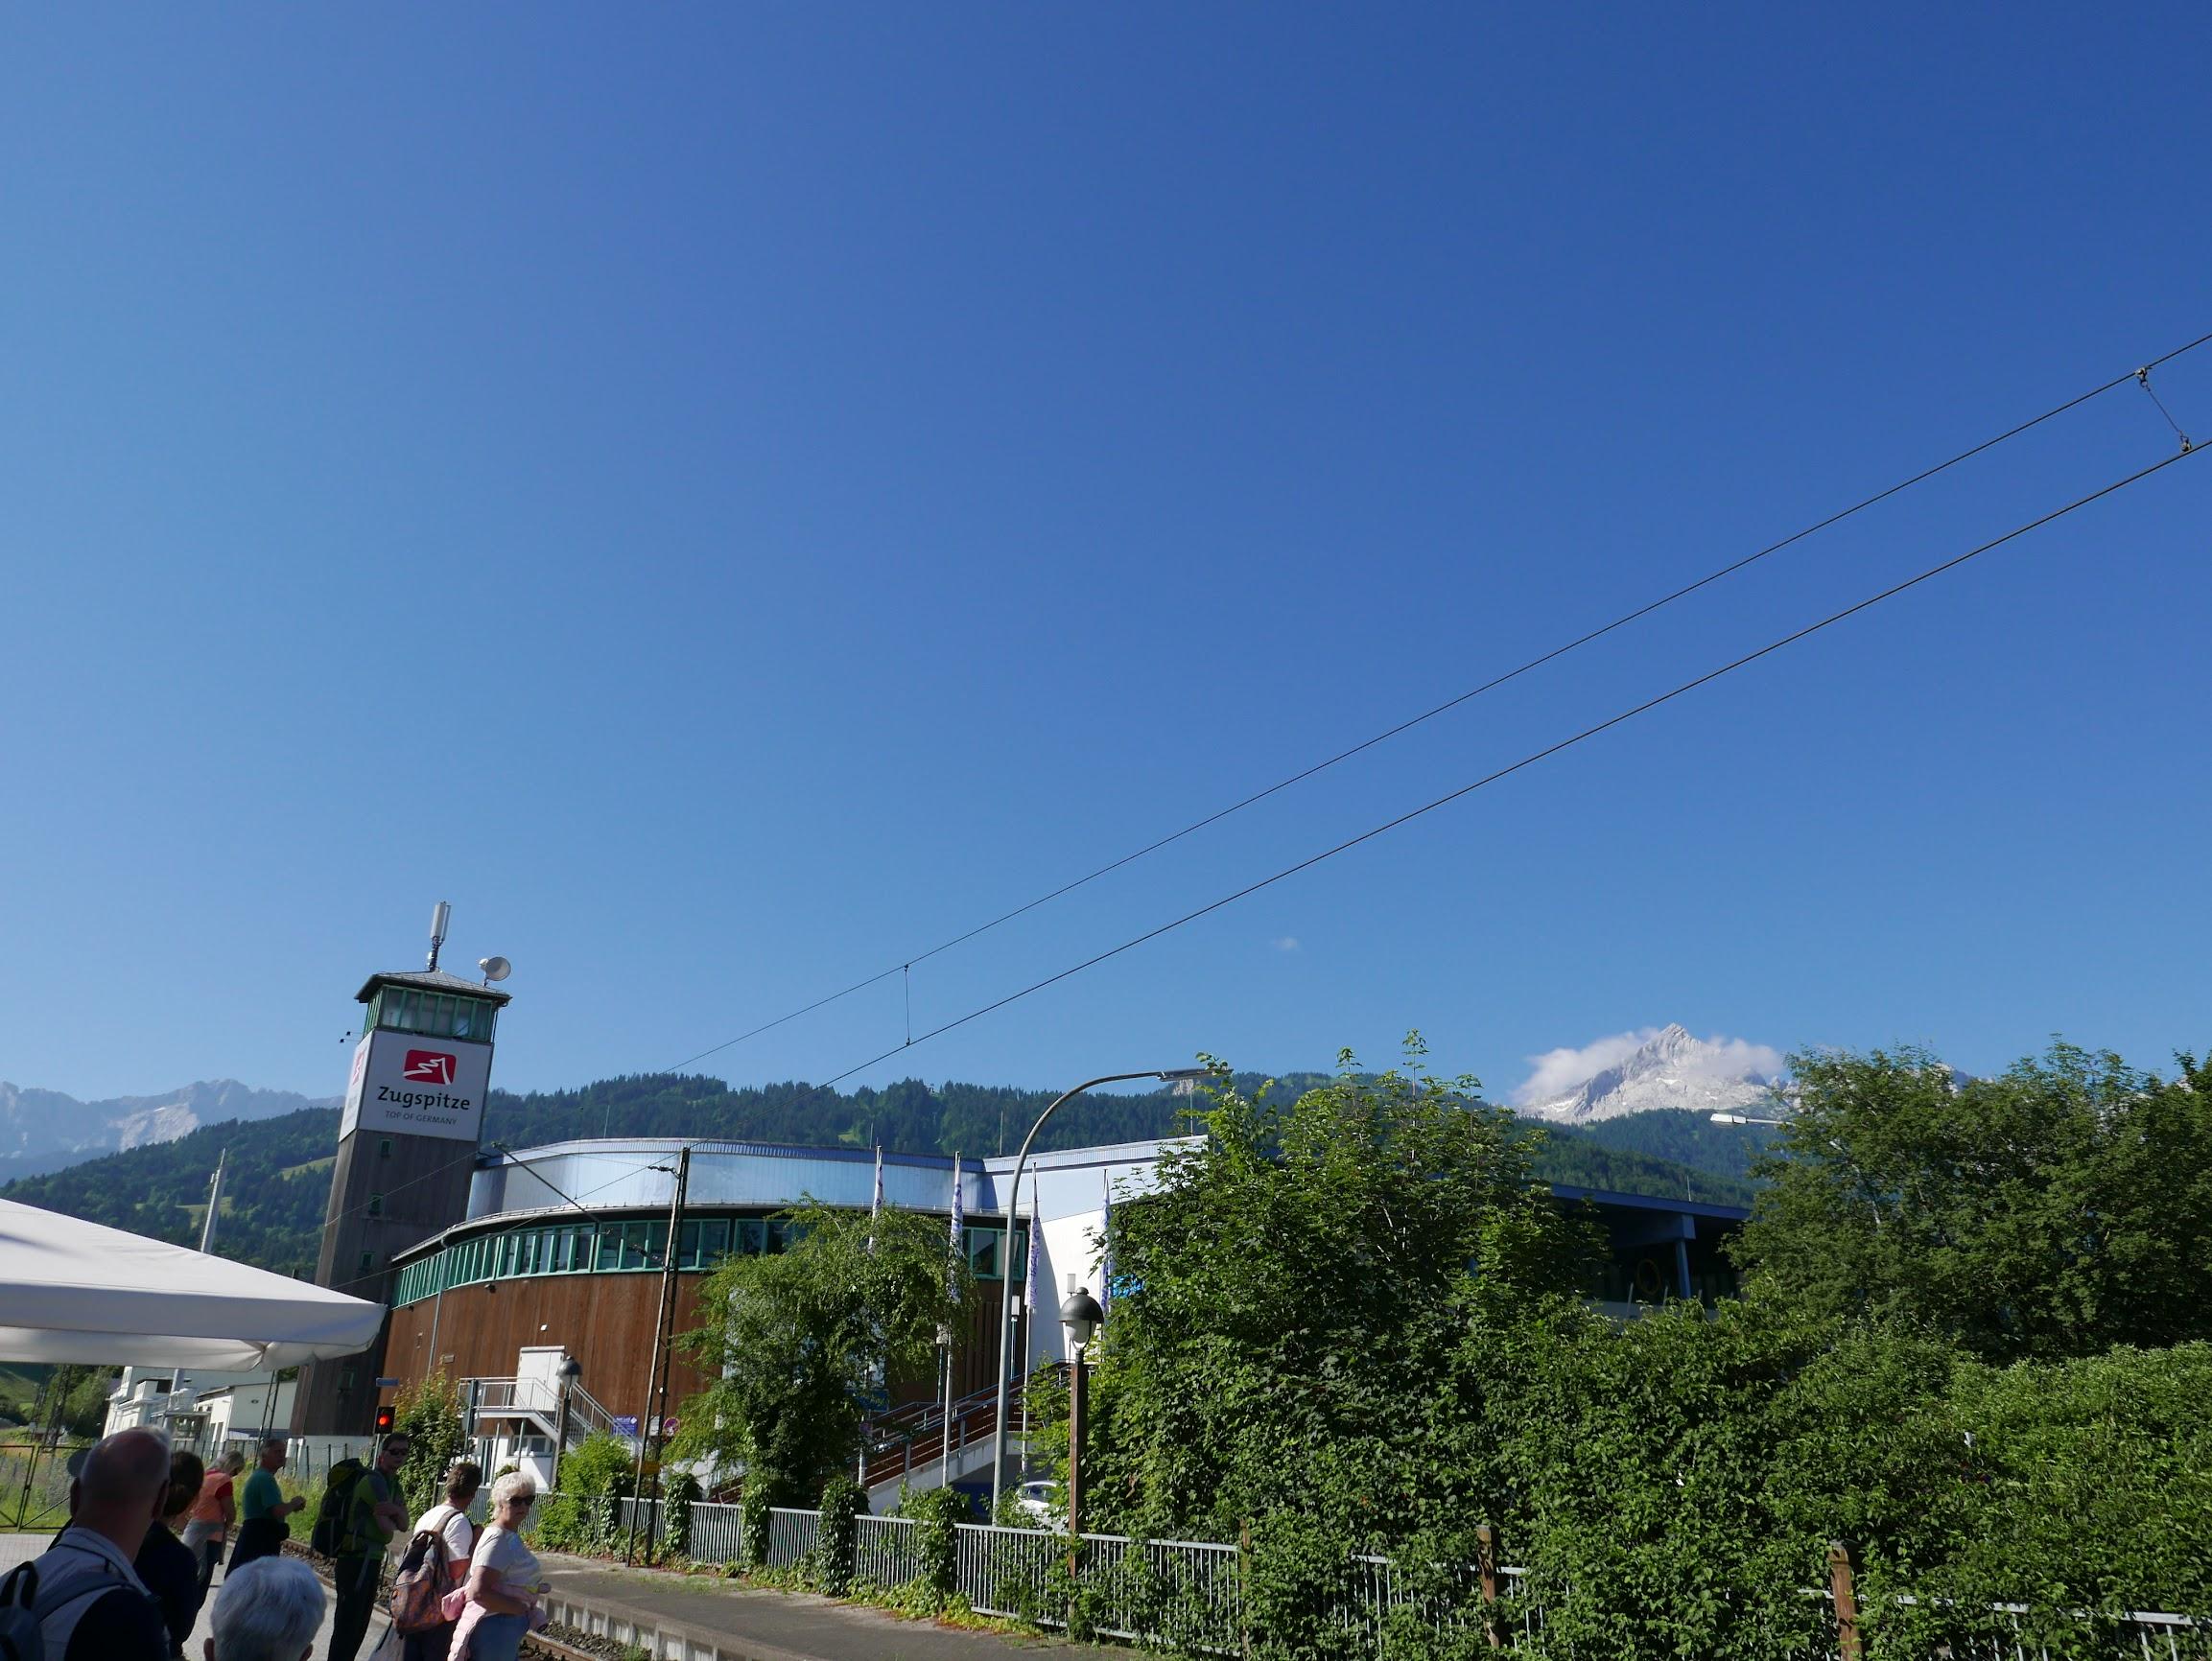 Zugspitzbahn, Garmisch-Partenkirchen